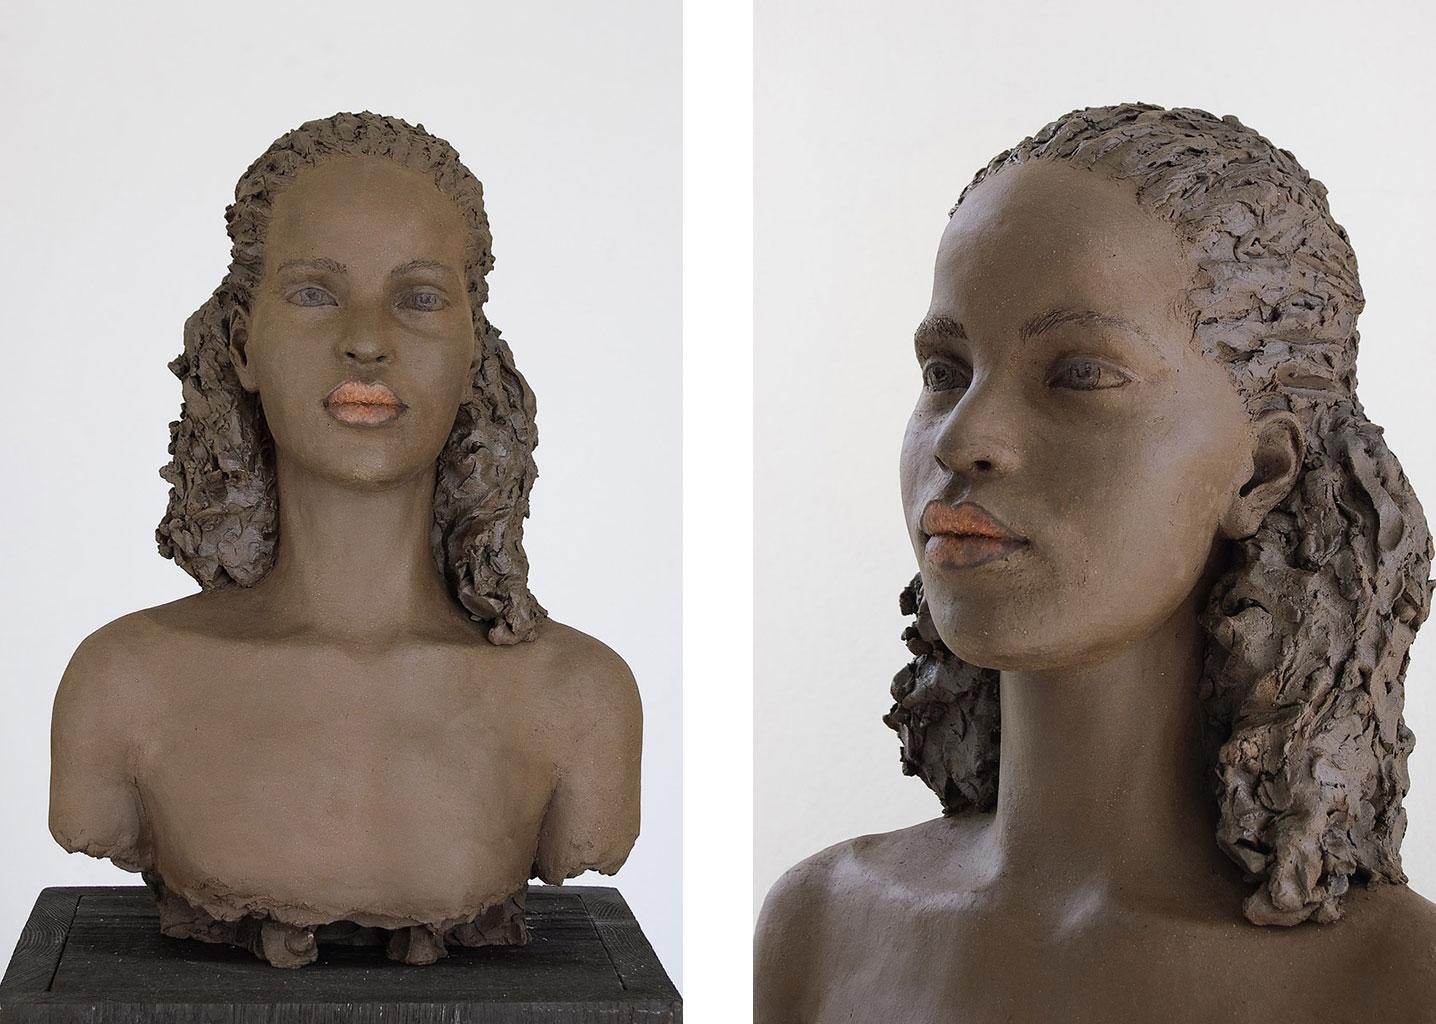 Nasim, Terrakotta engobiert, 44x32x26 cm, 2013